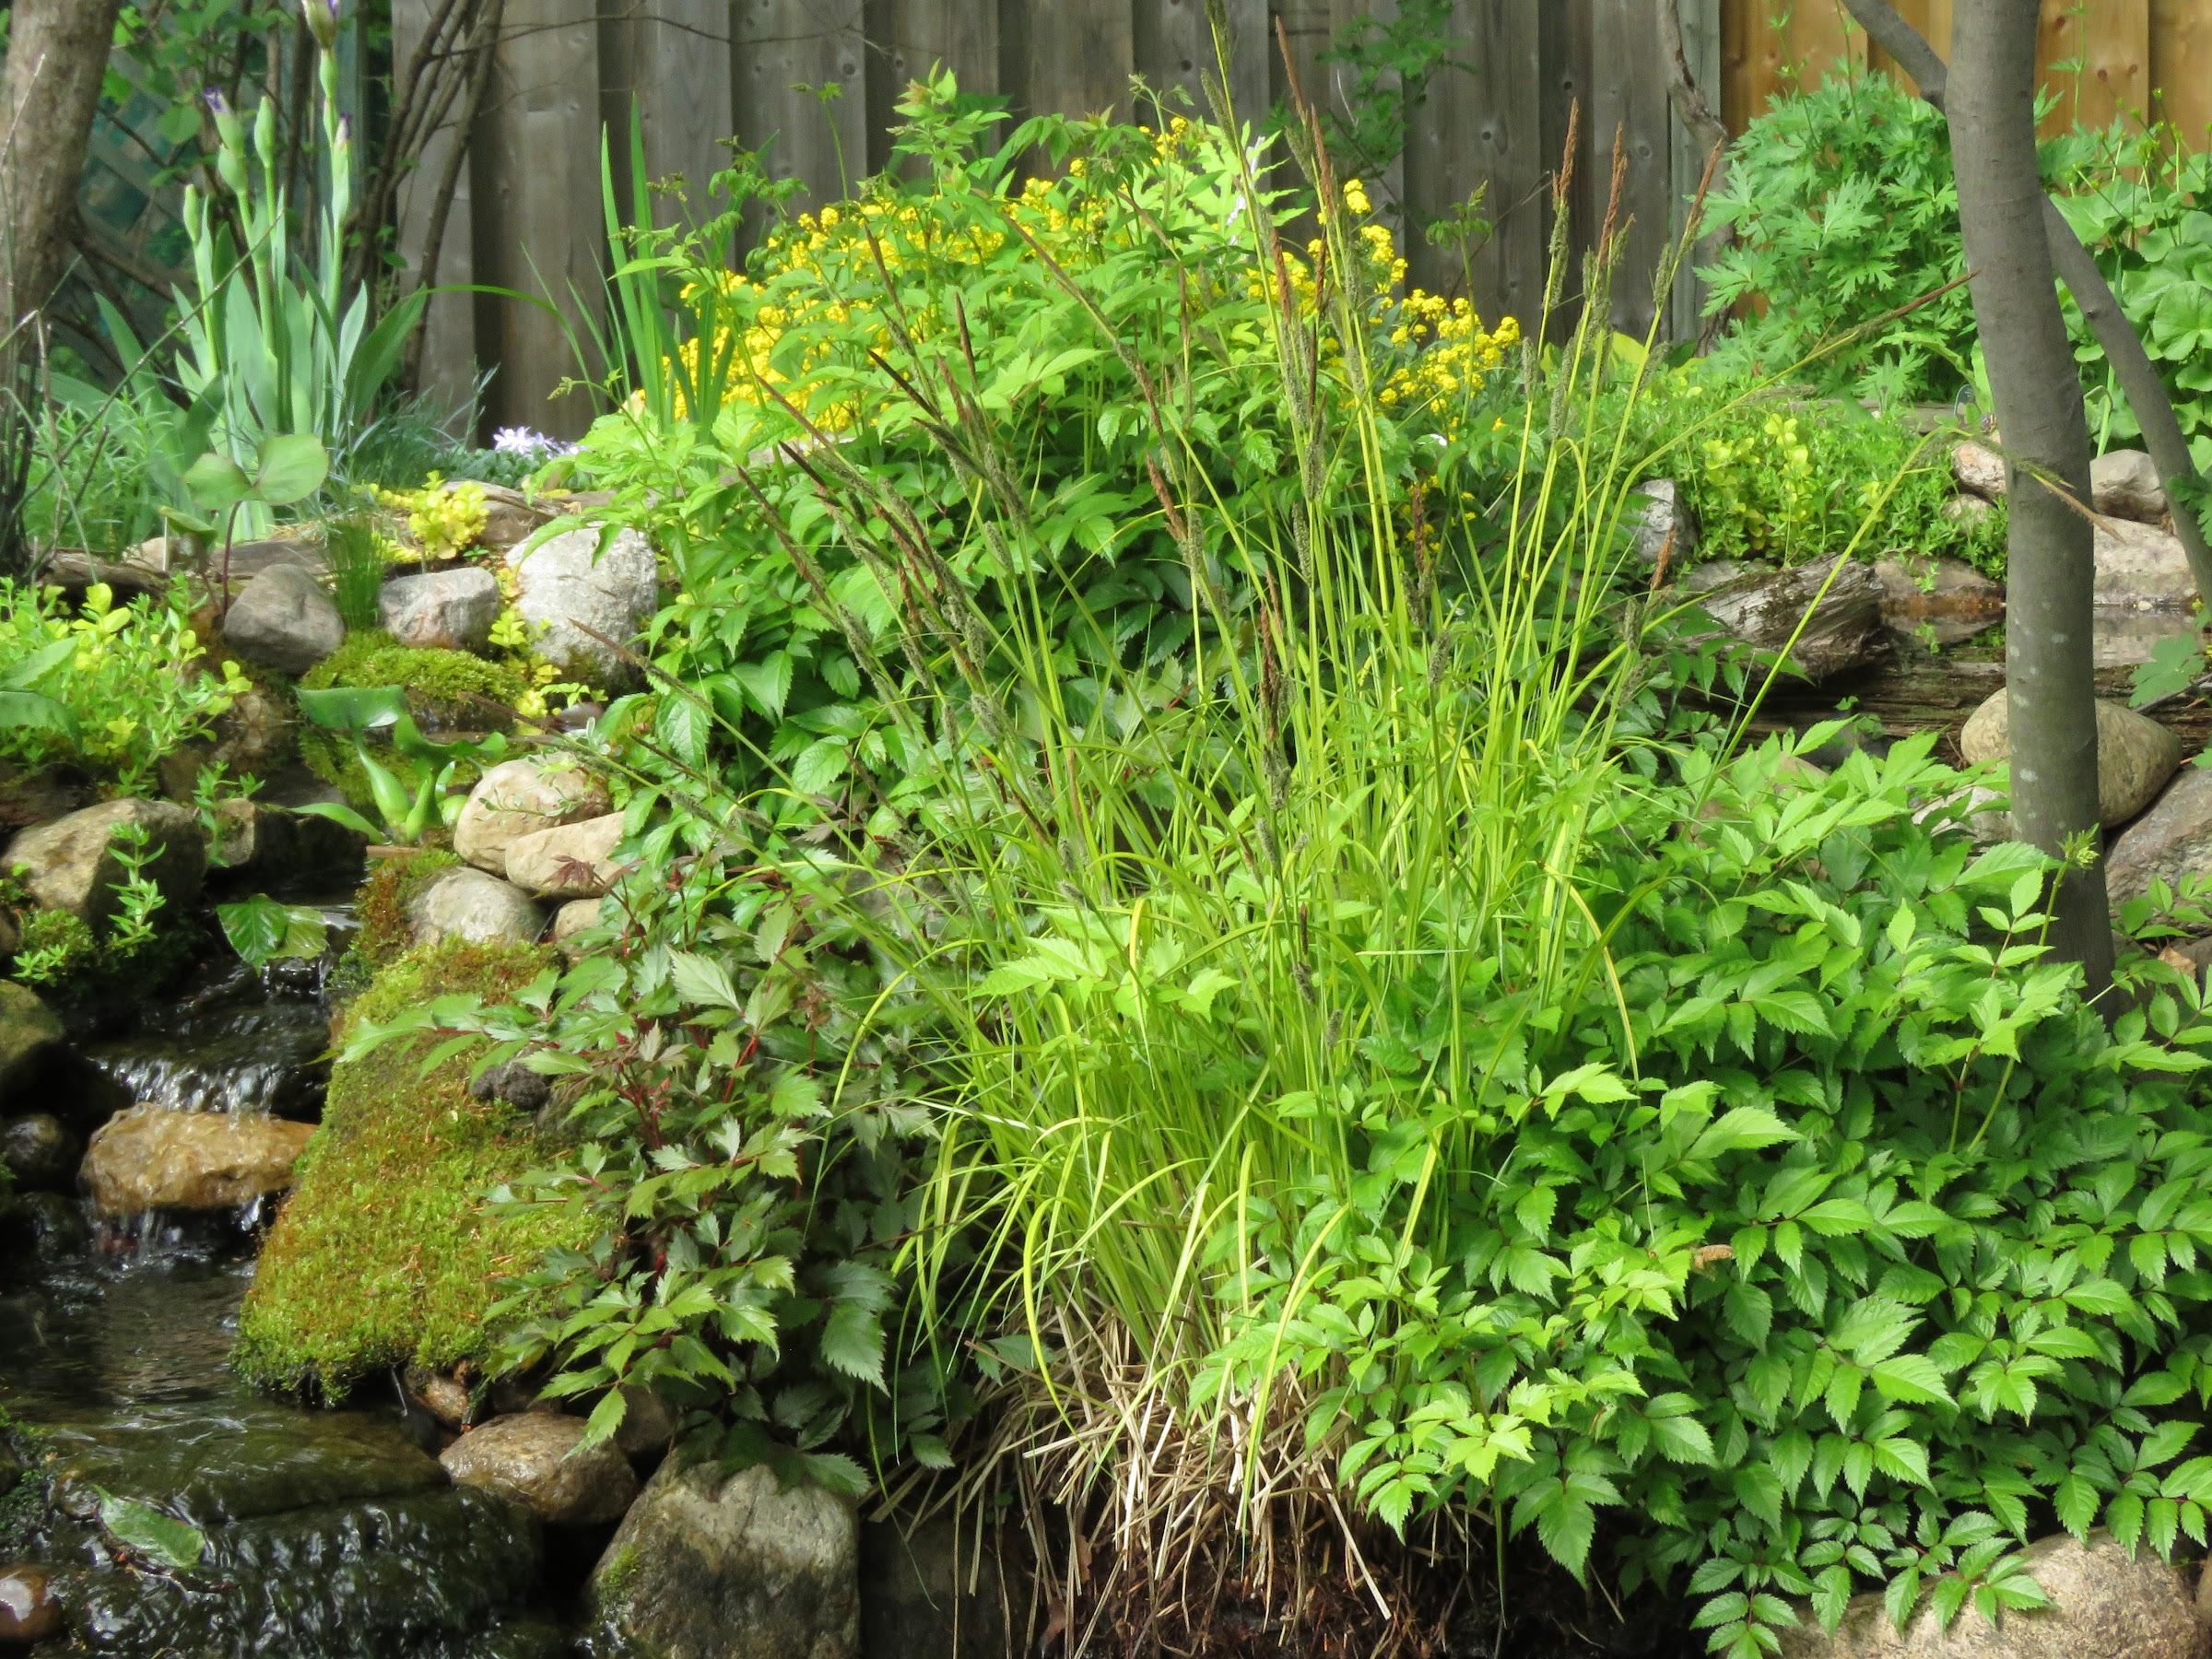 Mini jardin d'eau en contenant Zpr0GgFuQZW6H8-K4RWPZK-xcMYRYnY7oiNtCVxJYj53rtNhVH3KefHhmGbjjyDbQA8mABPpO6g0NZNgDTmkQWksHLUqJ321XFm-h-R3JvZulDkD2R0QBHm2BBK1FuYNaPd76PoMWtg=w2400